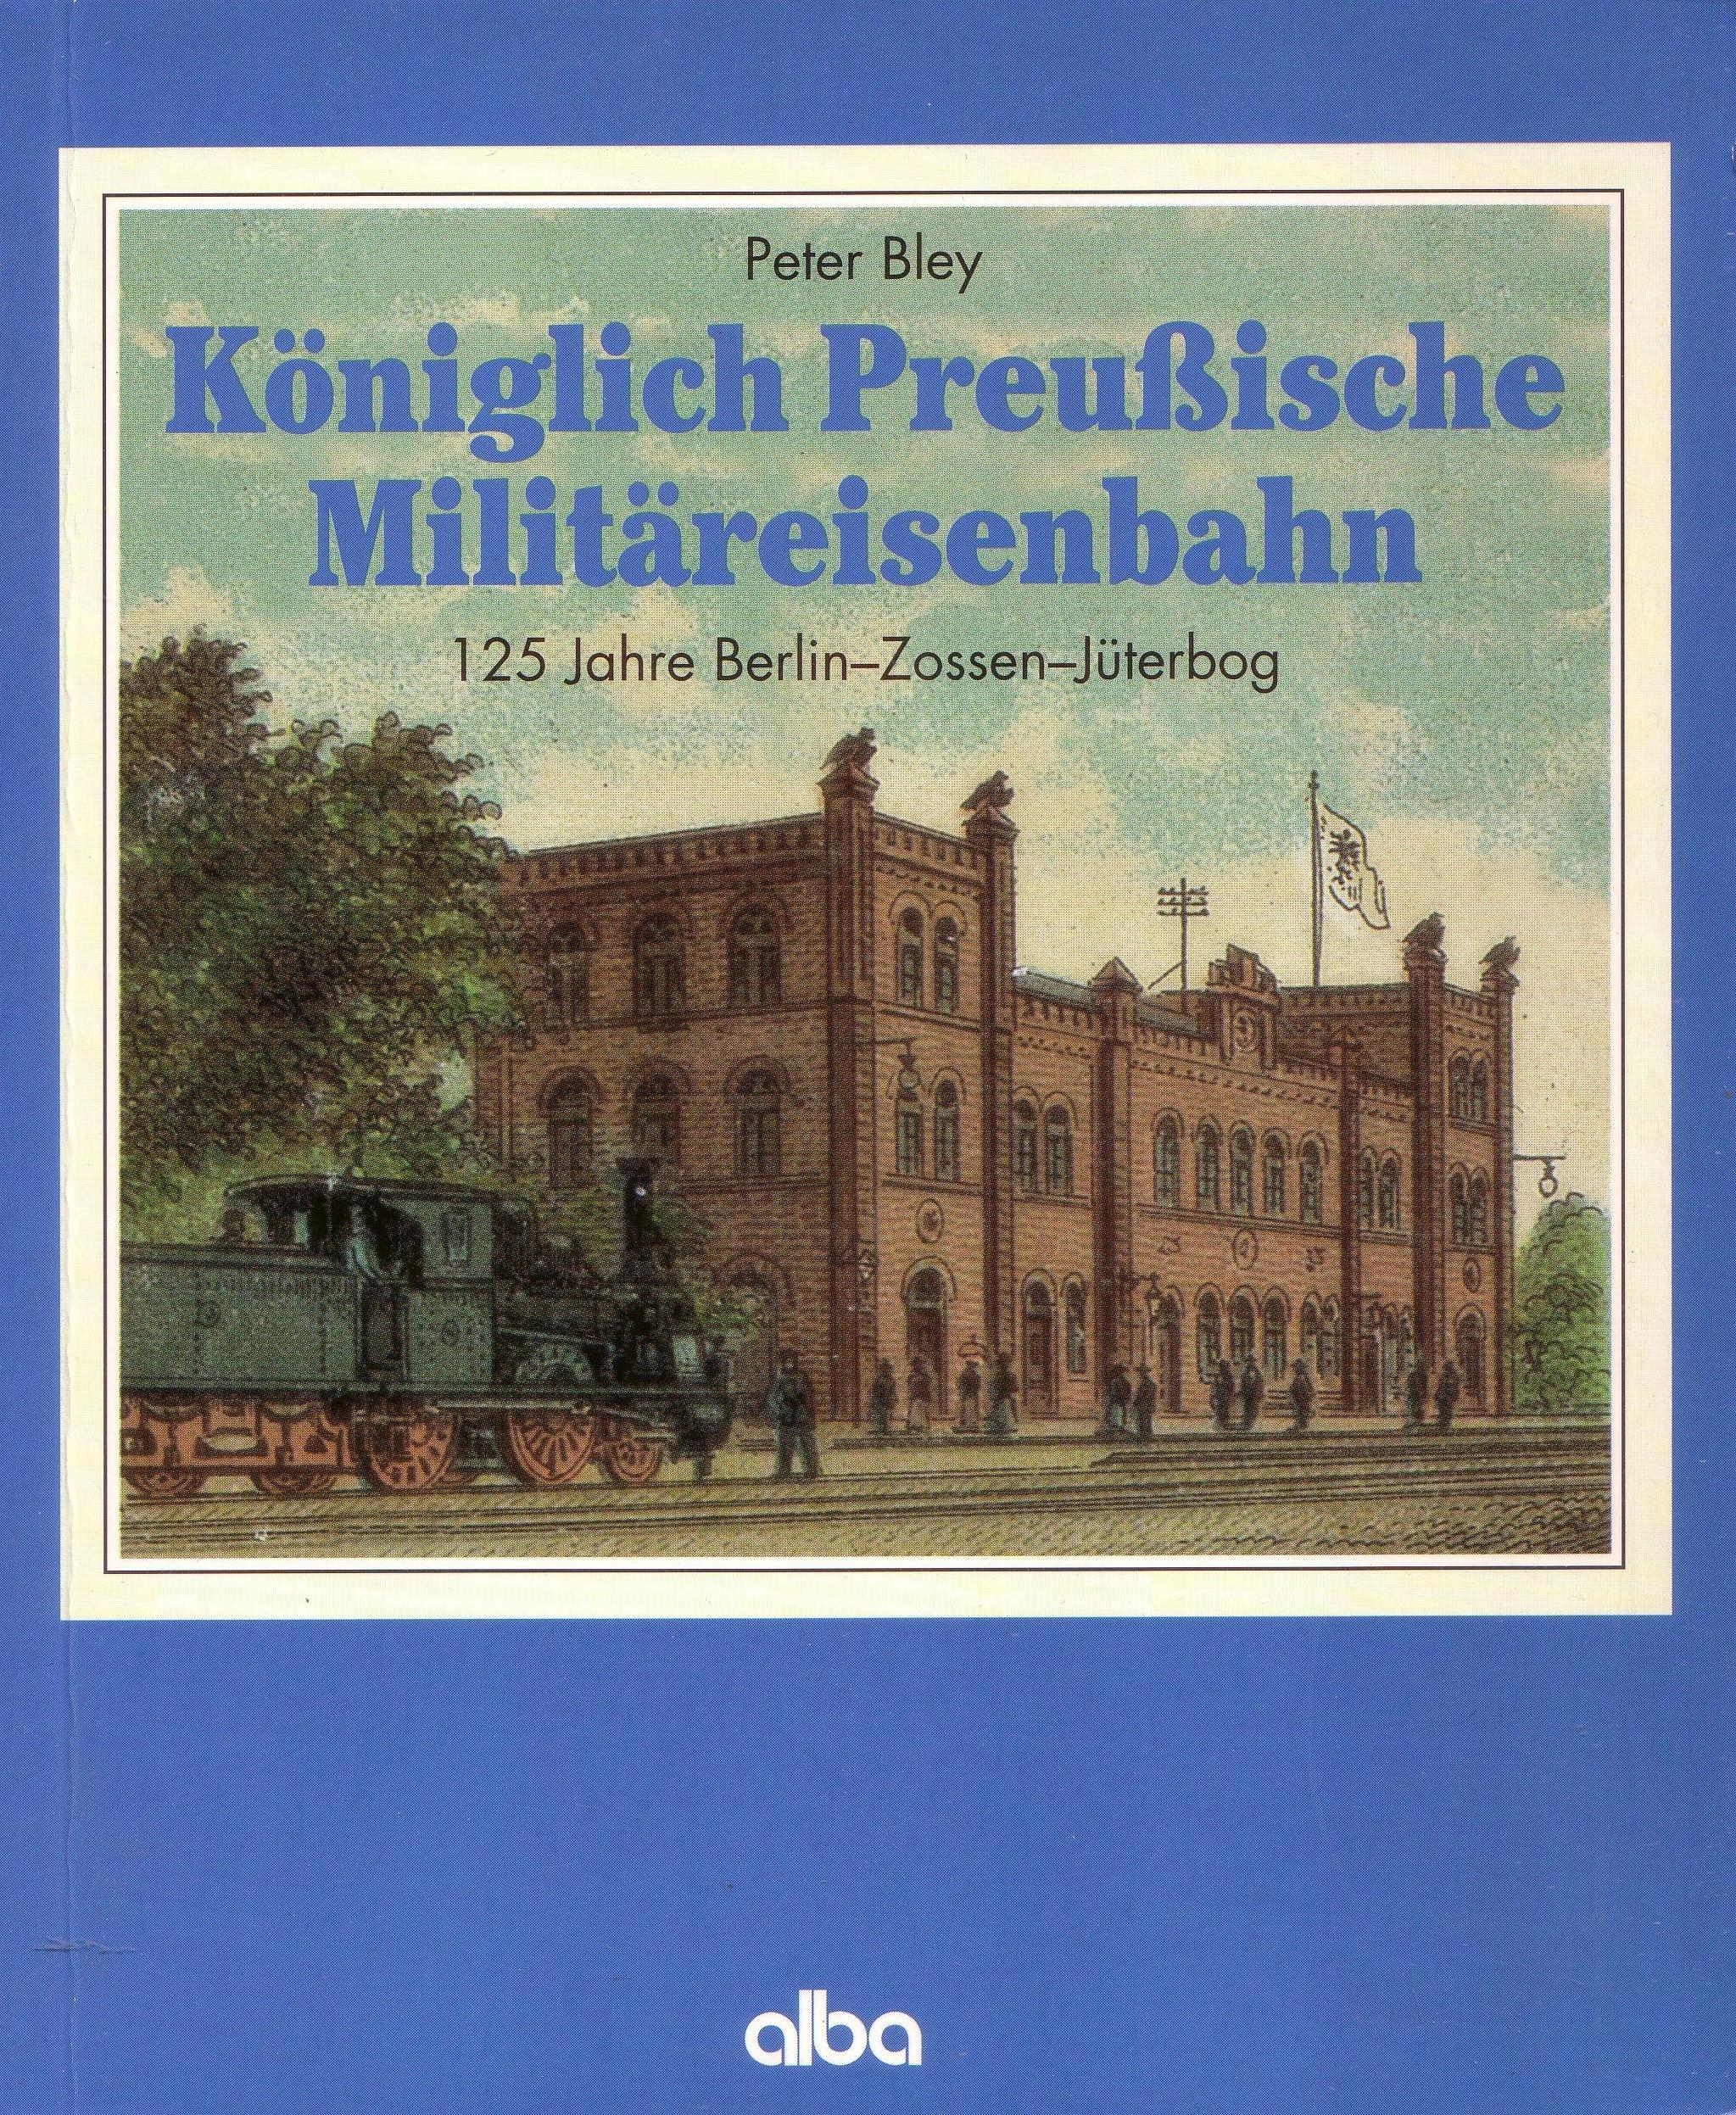 Königlich Preussische Militäreisenbahn: 125 Jahre Berlin - Zossen - Jüterbog